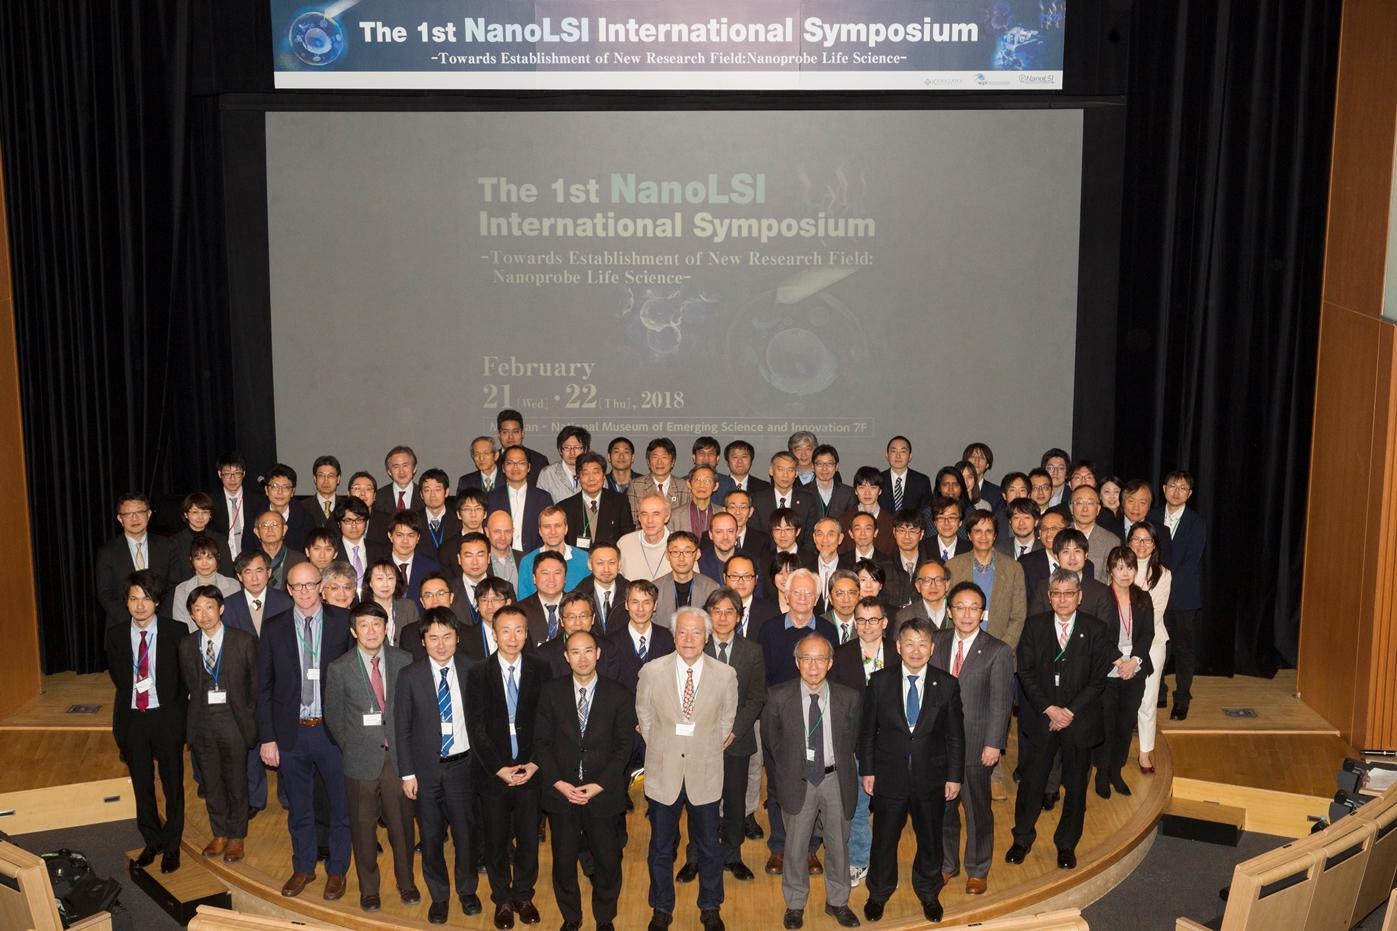 金沢大学ナノ生命科学研究所が第1回国際シンポジウムを開催